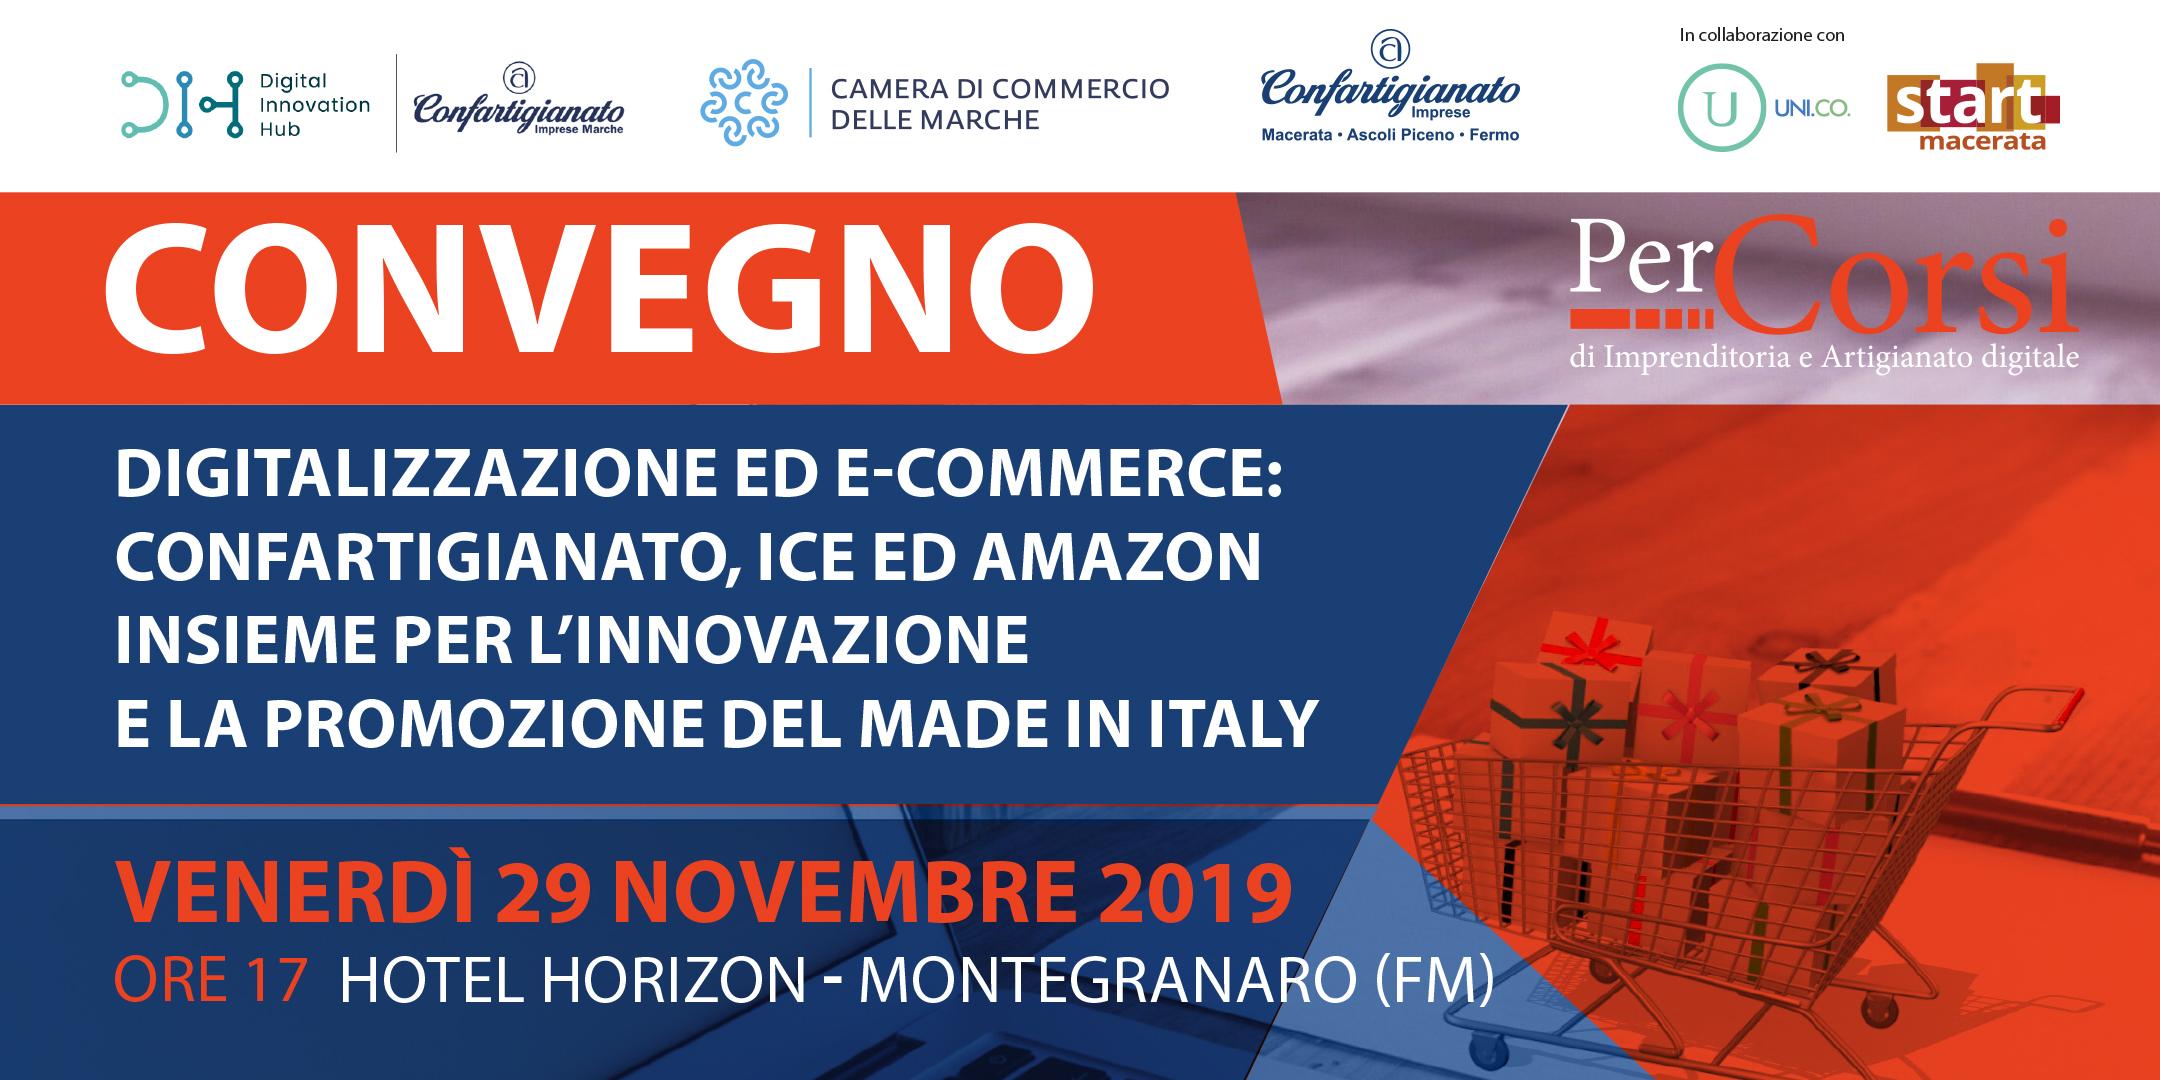 Convegno digitalizzazione 29 novembre ICE Amazon